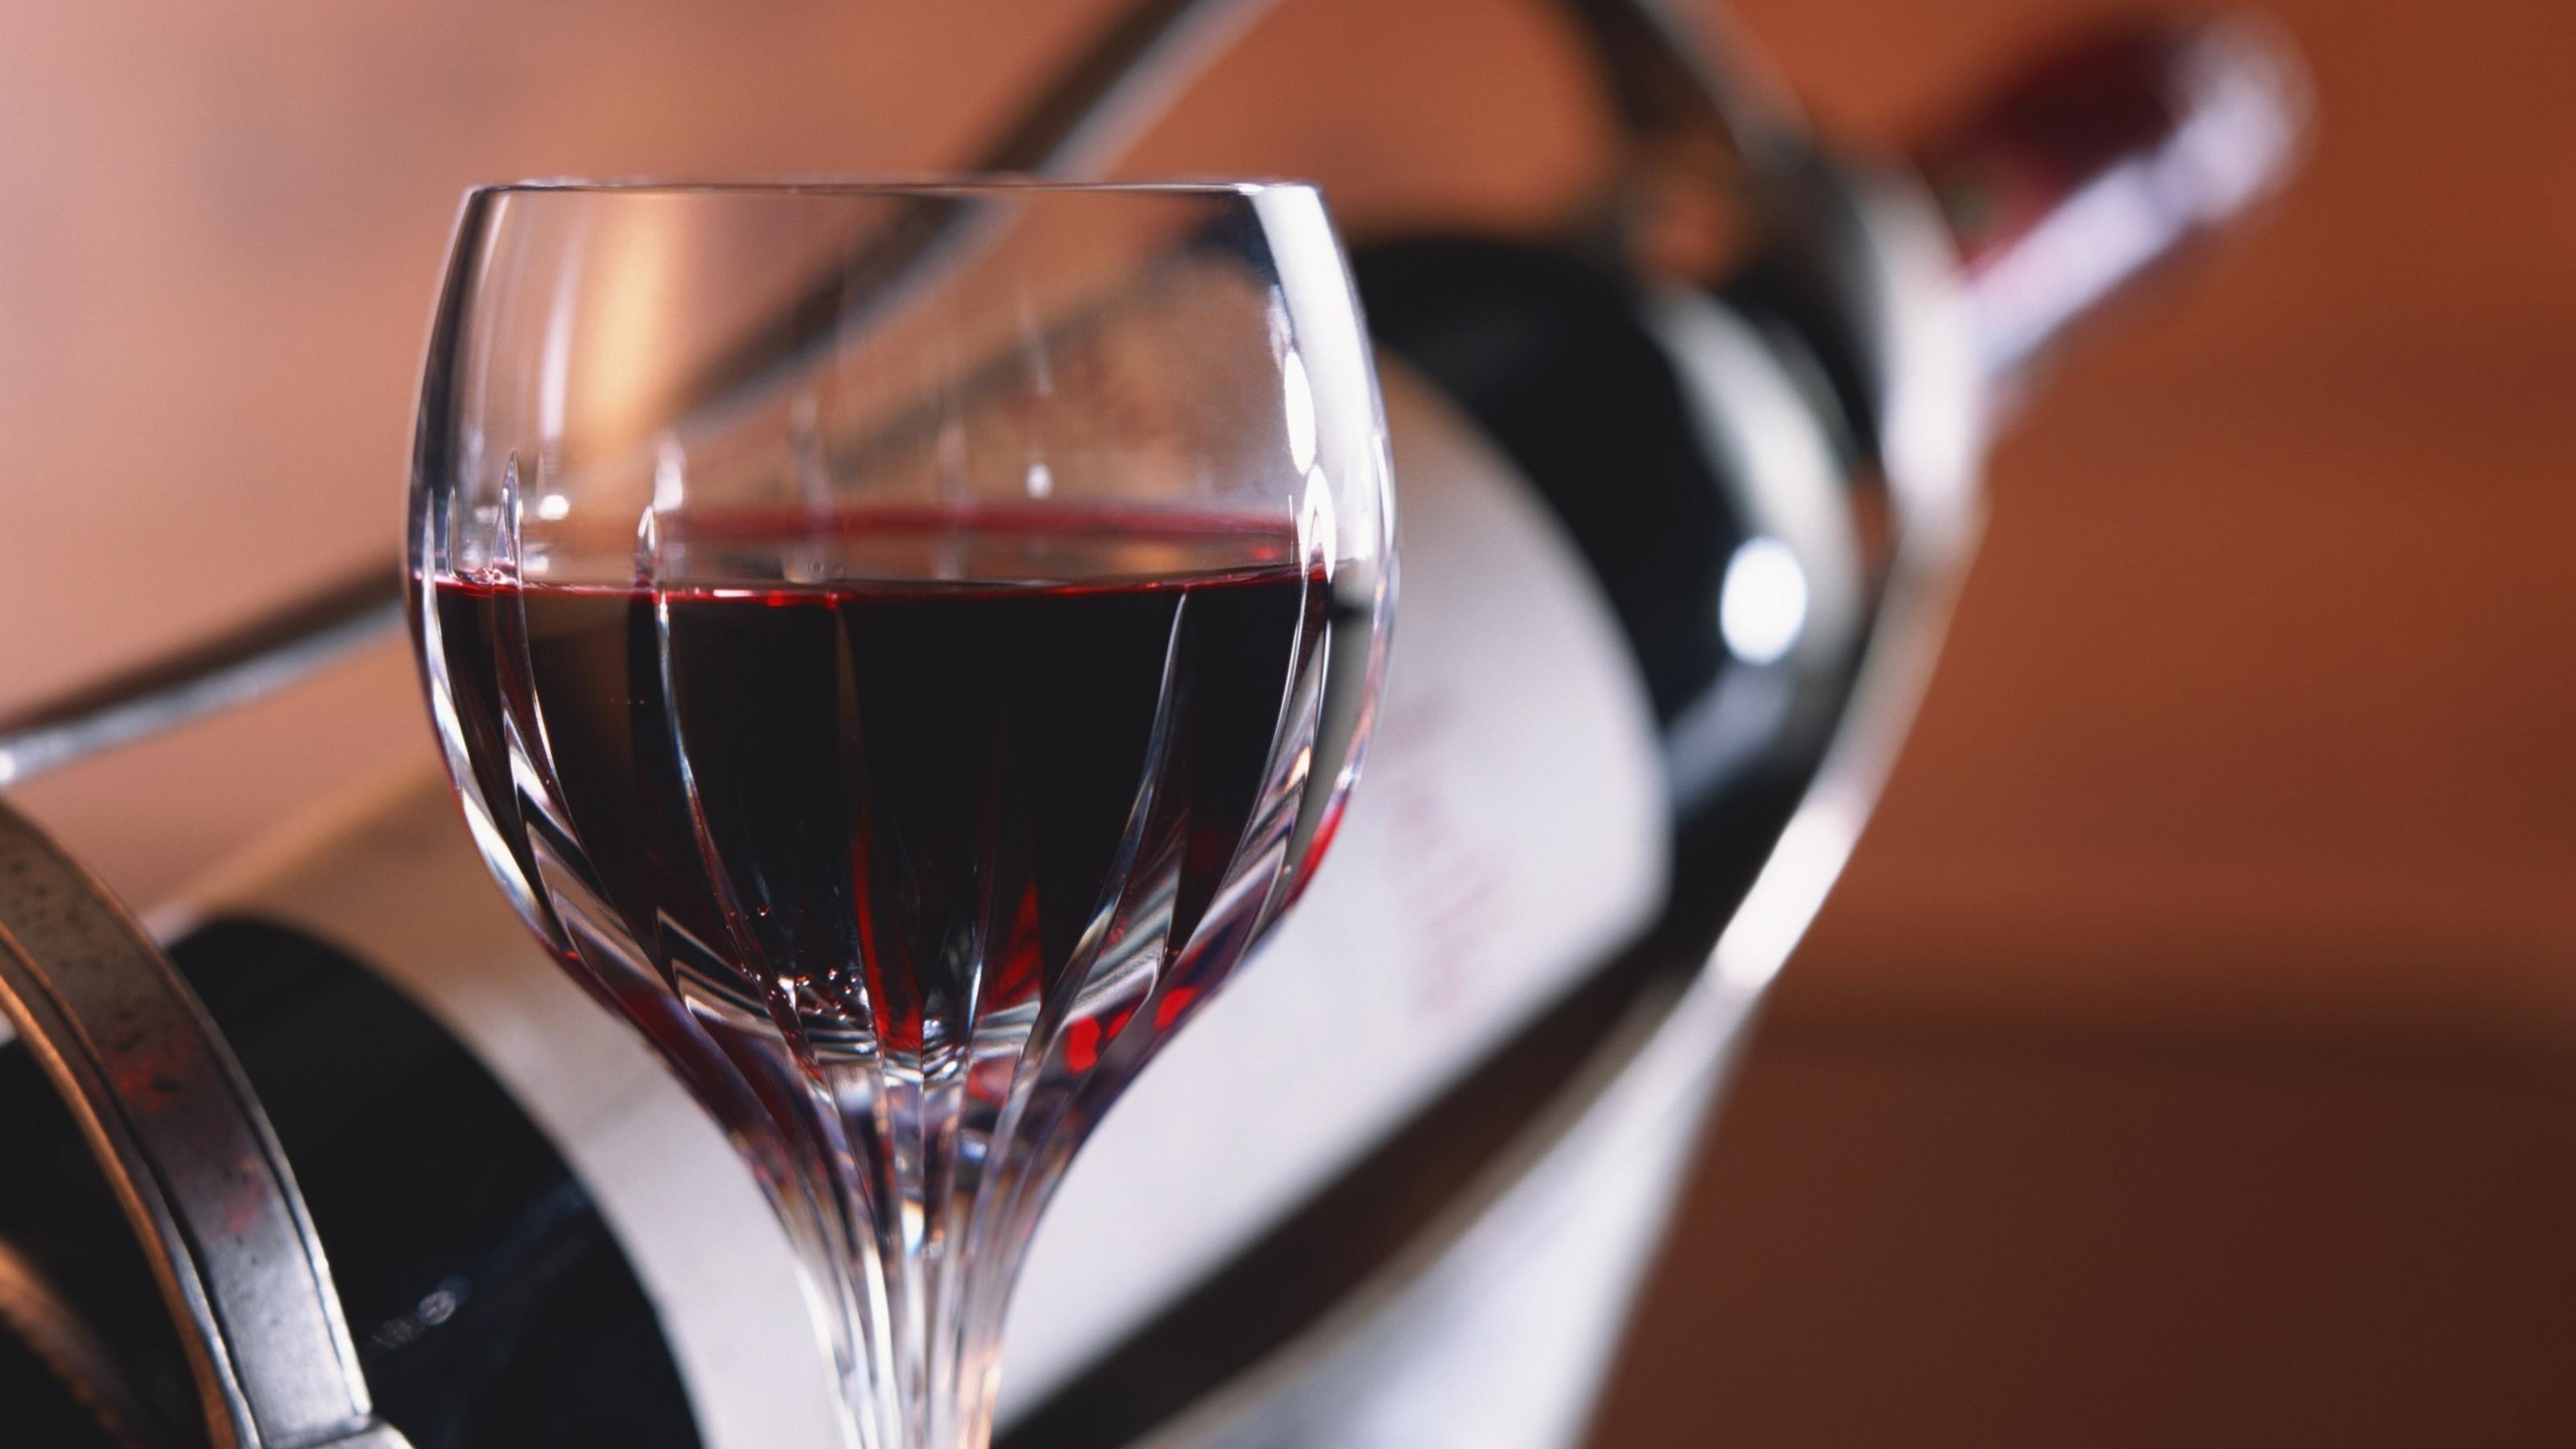 Обои бутылка, стол, бокал, вино, красное. Разное foto 15